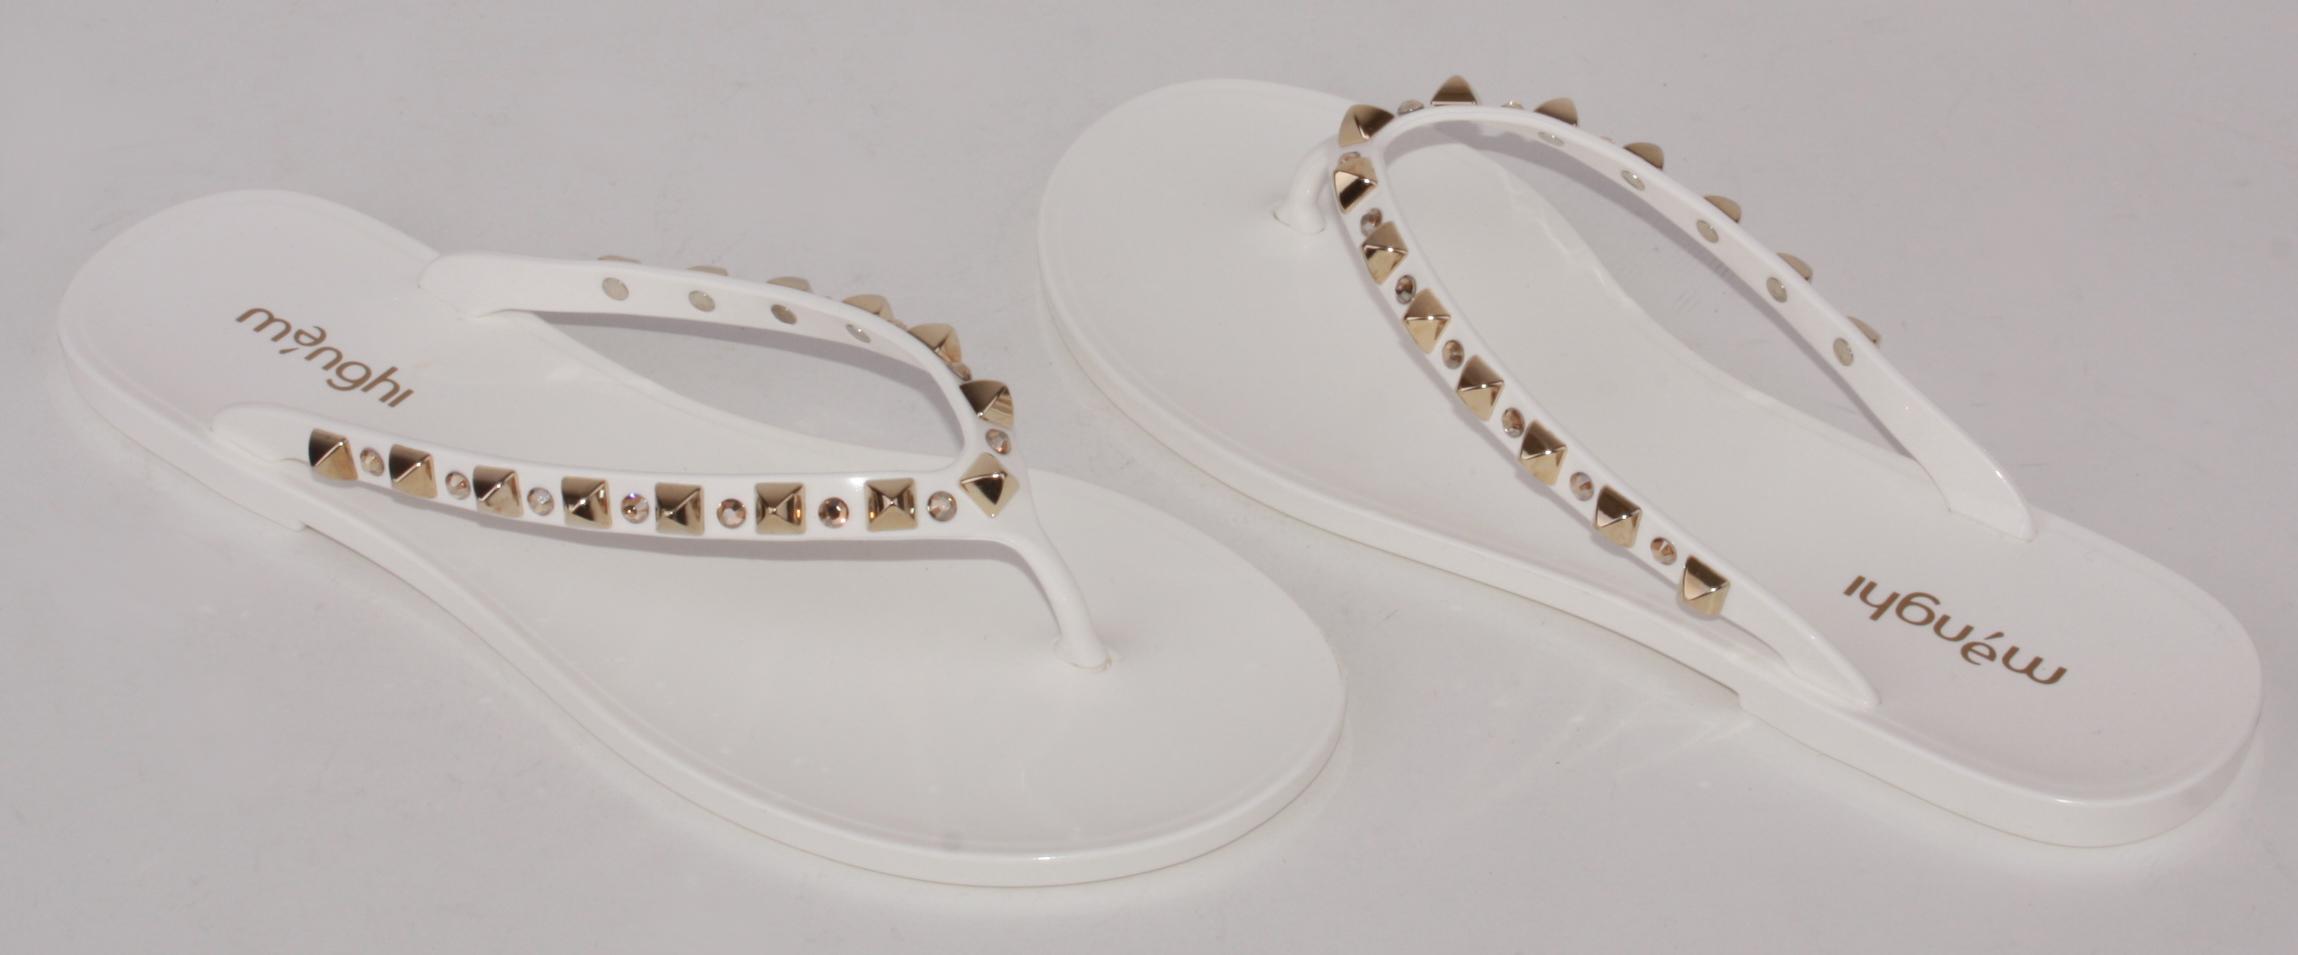 0868ec1f3e3d Каталоги обуви: Куплю обувь женскую